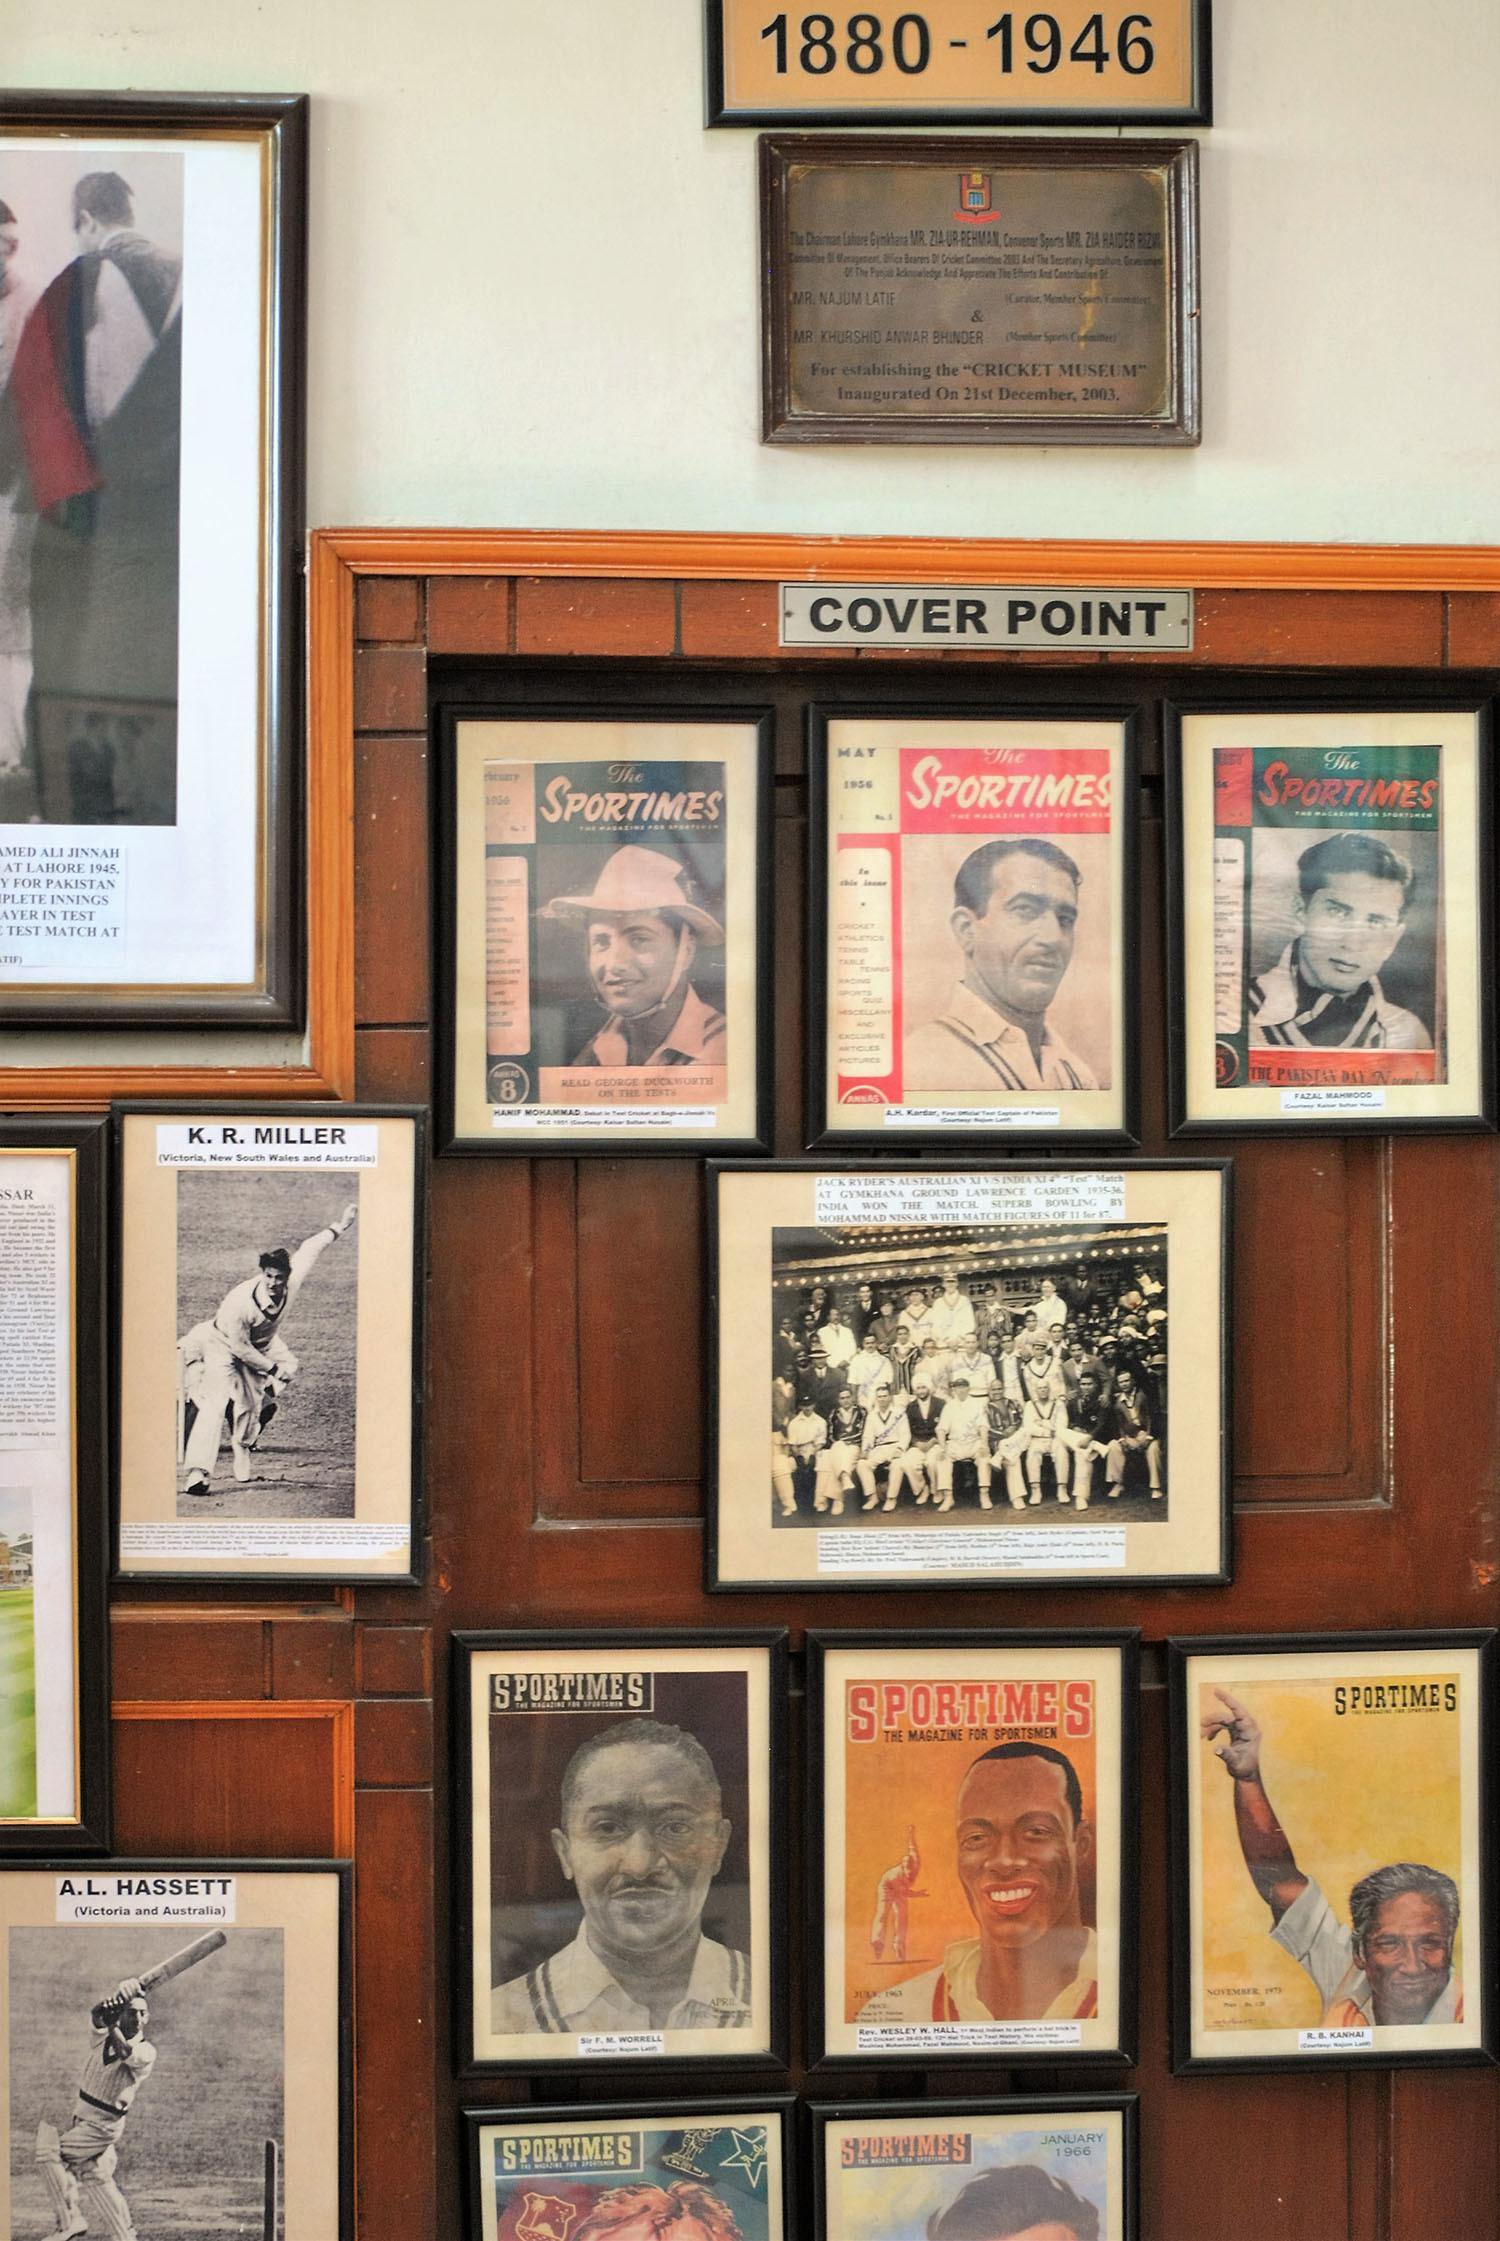 میوزیم میں موجود پاکستان کے مشہور ترین اسپورٹس میگزین 'اسپورٹس ٹائمز' کے چند سرورق۔— فوٹو عون علی